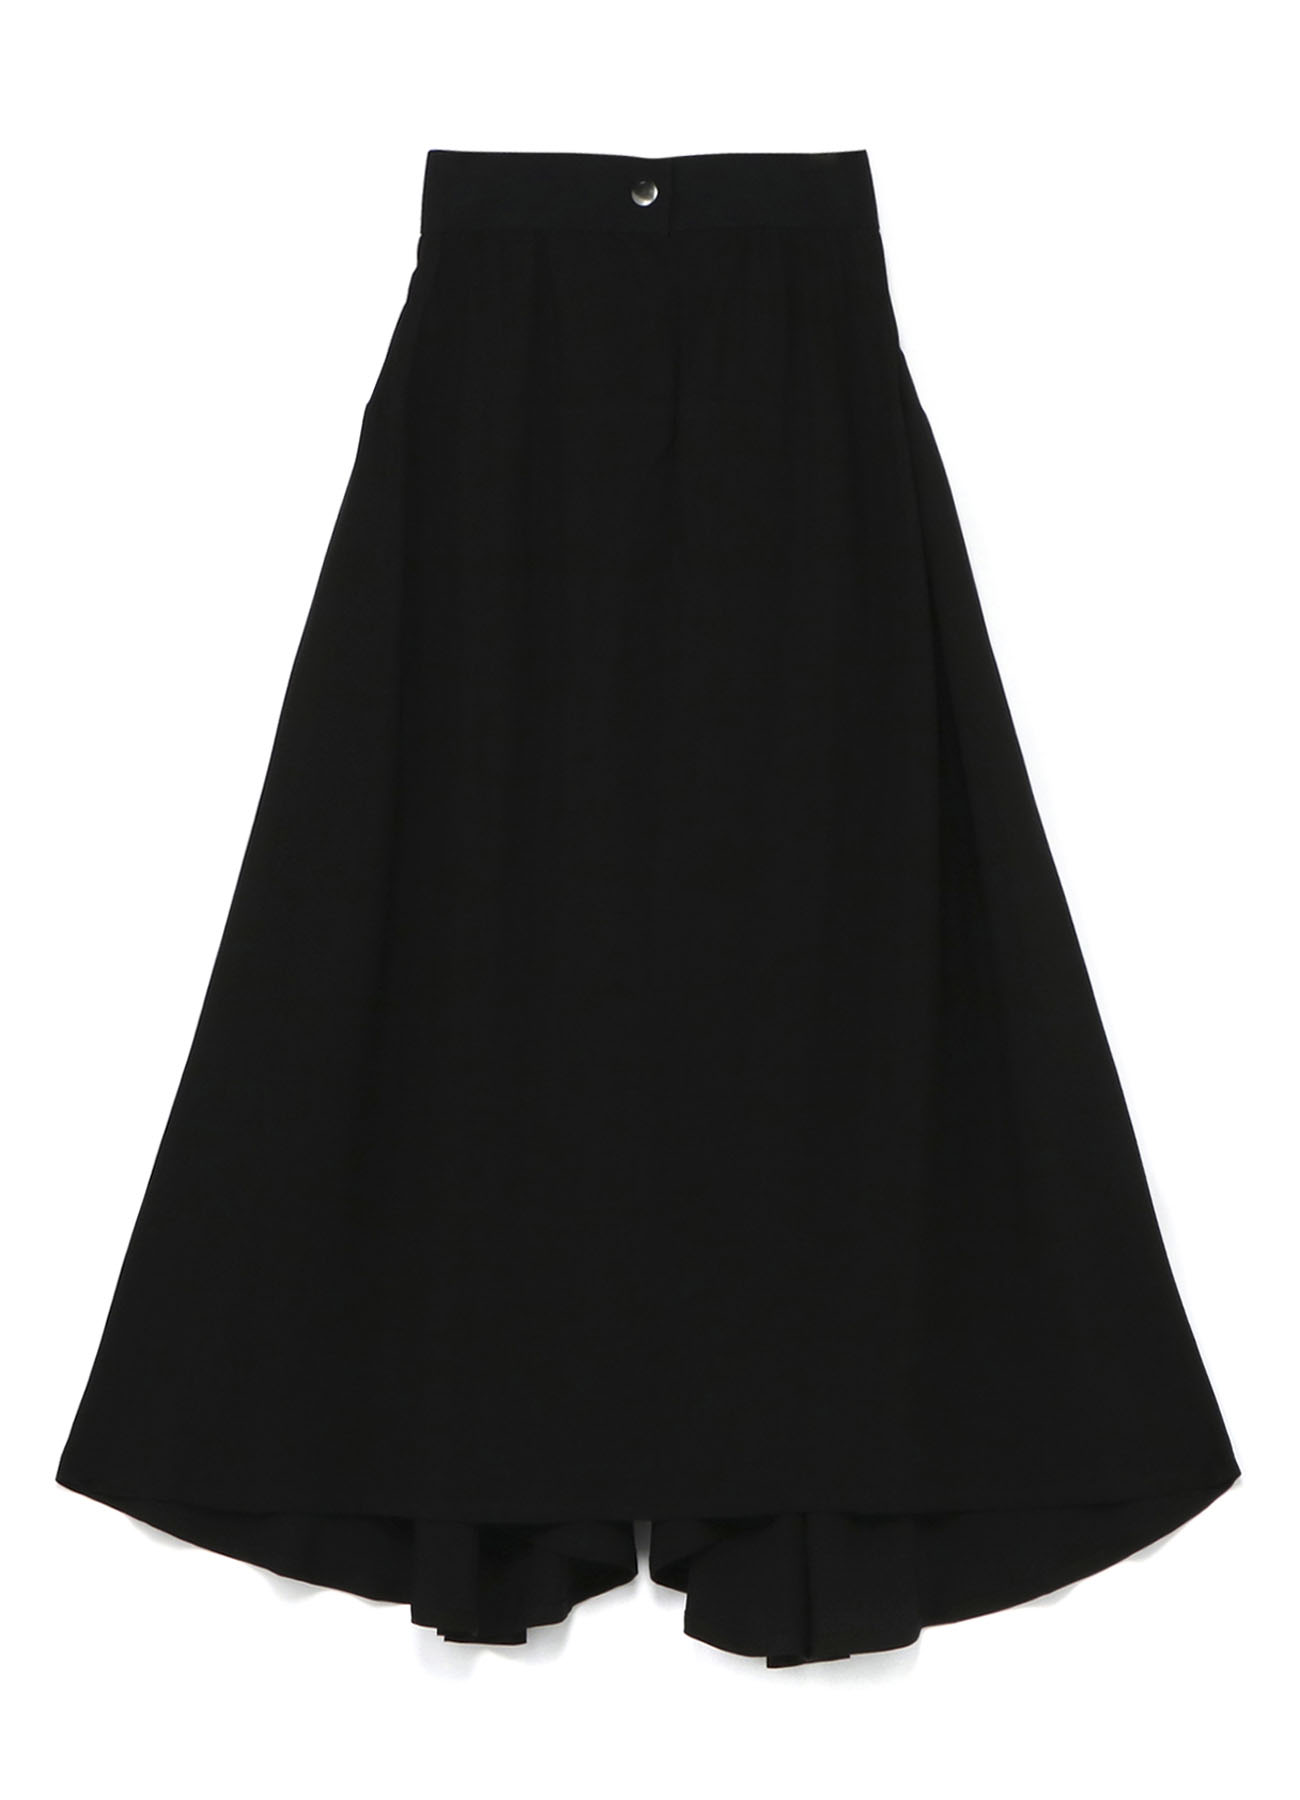 Ry/Cu Tussah Switching Skirt